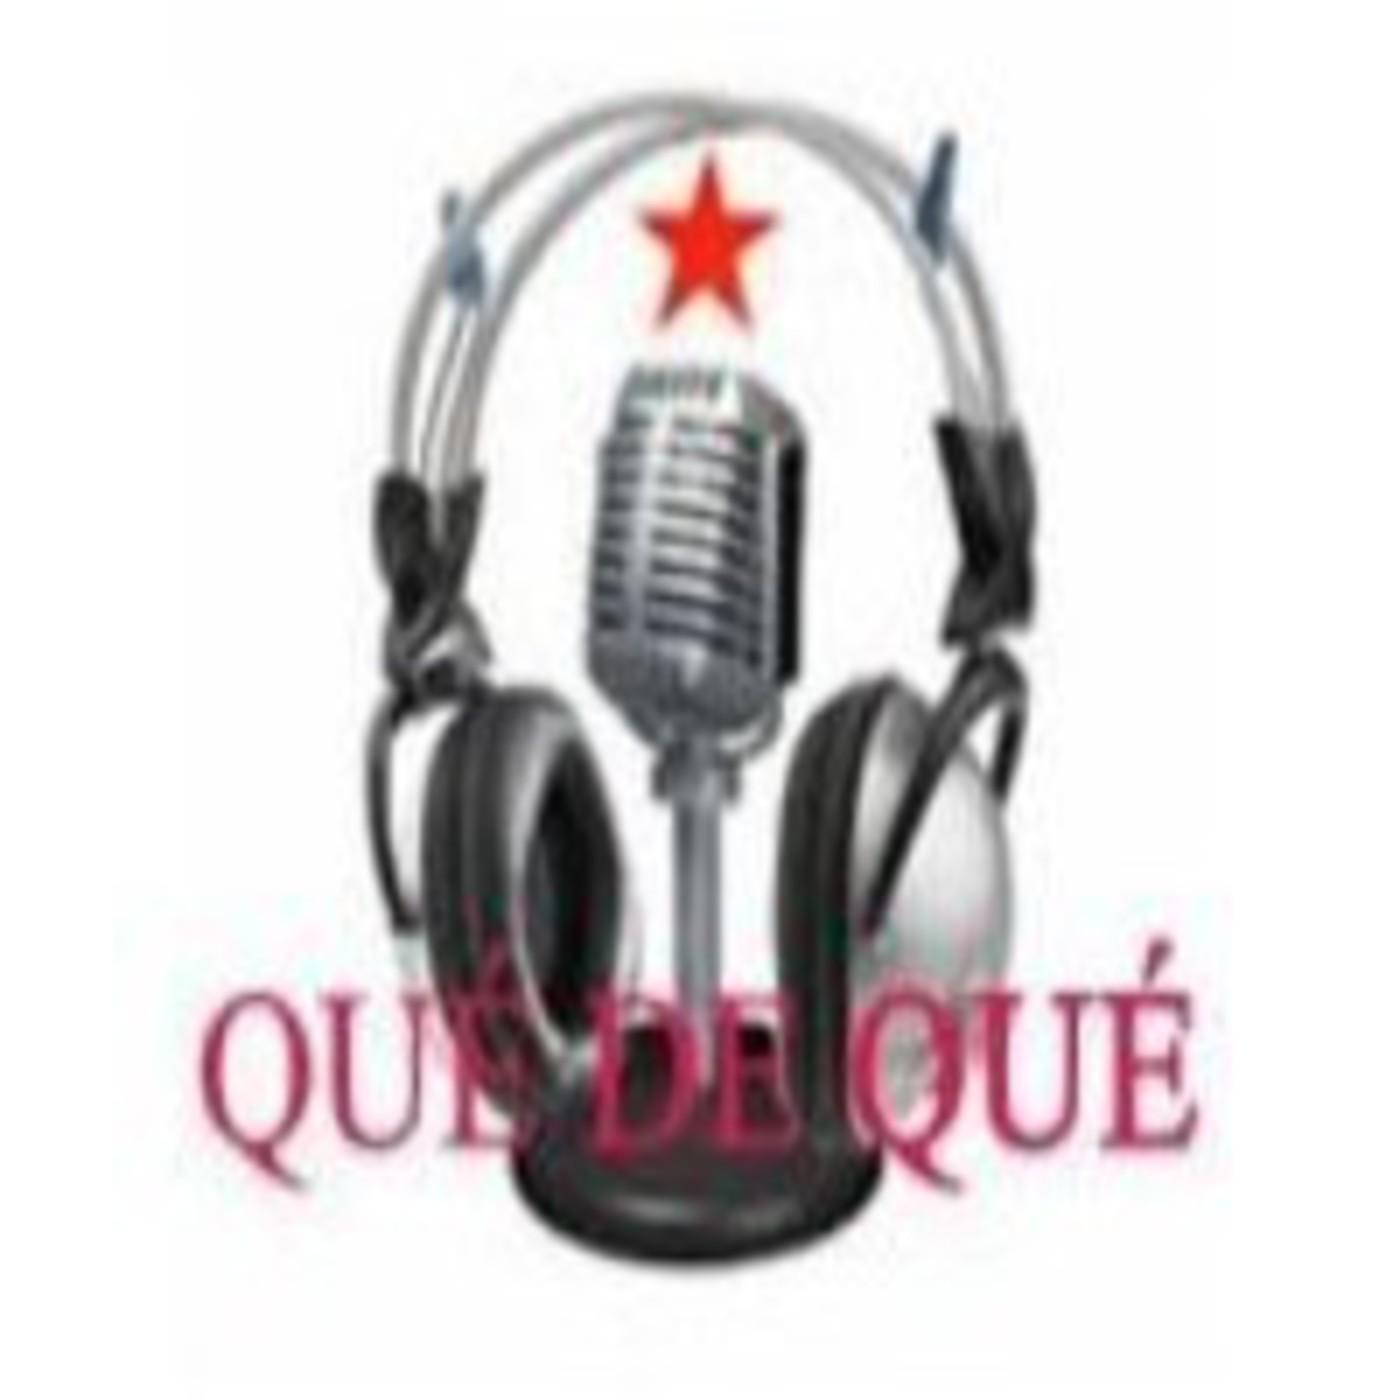 Quedeque03062018